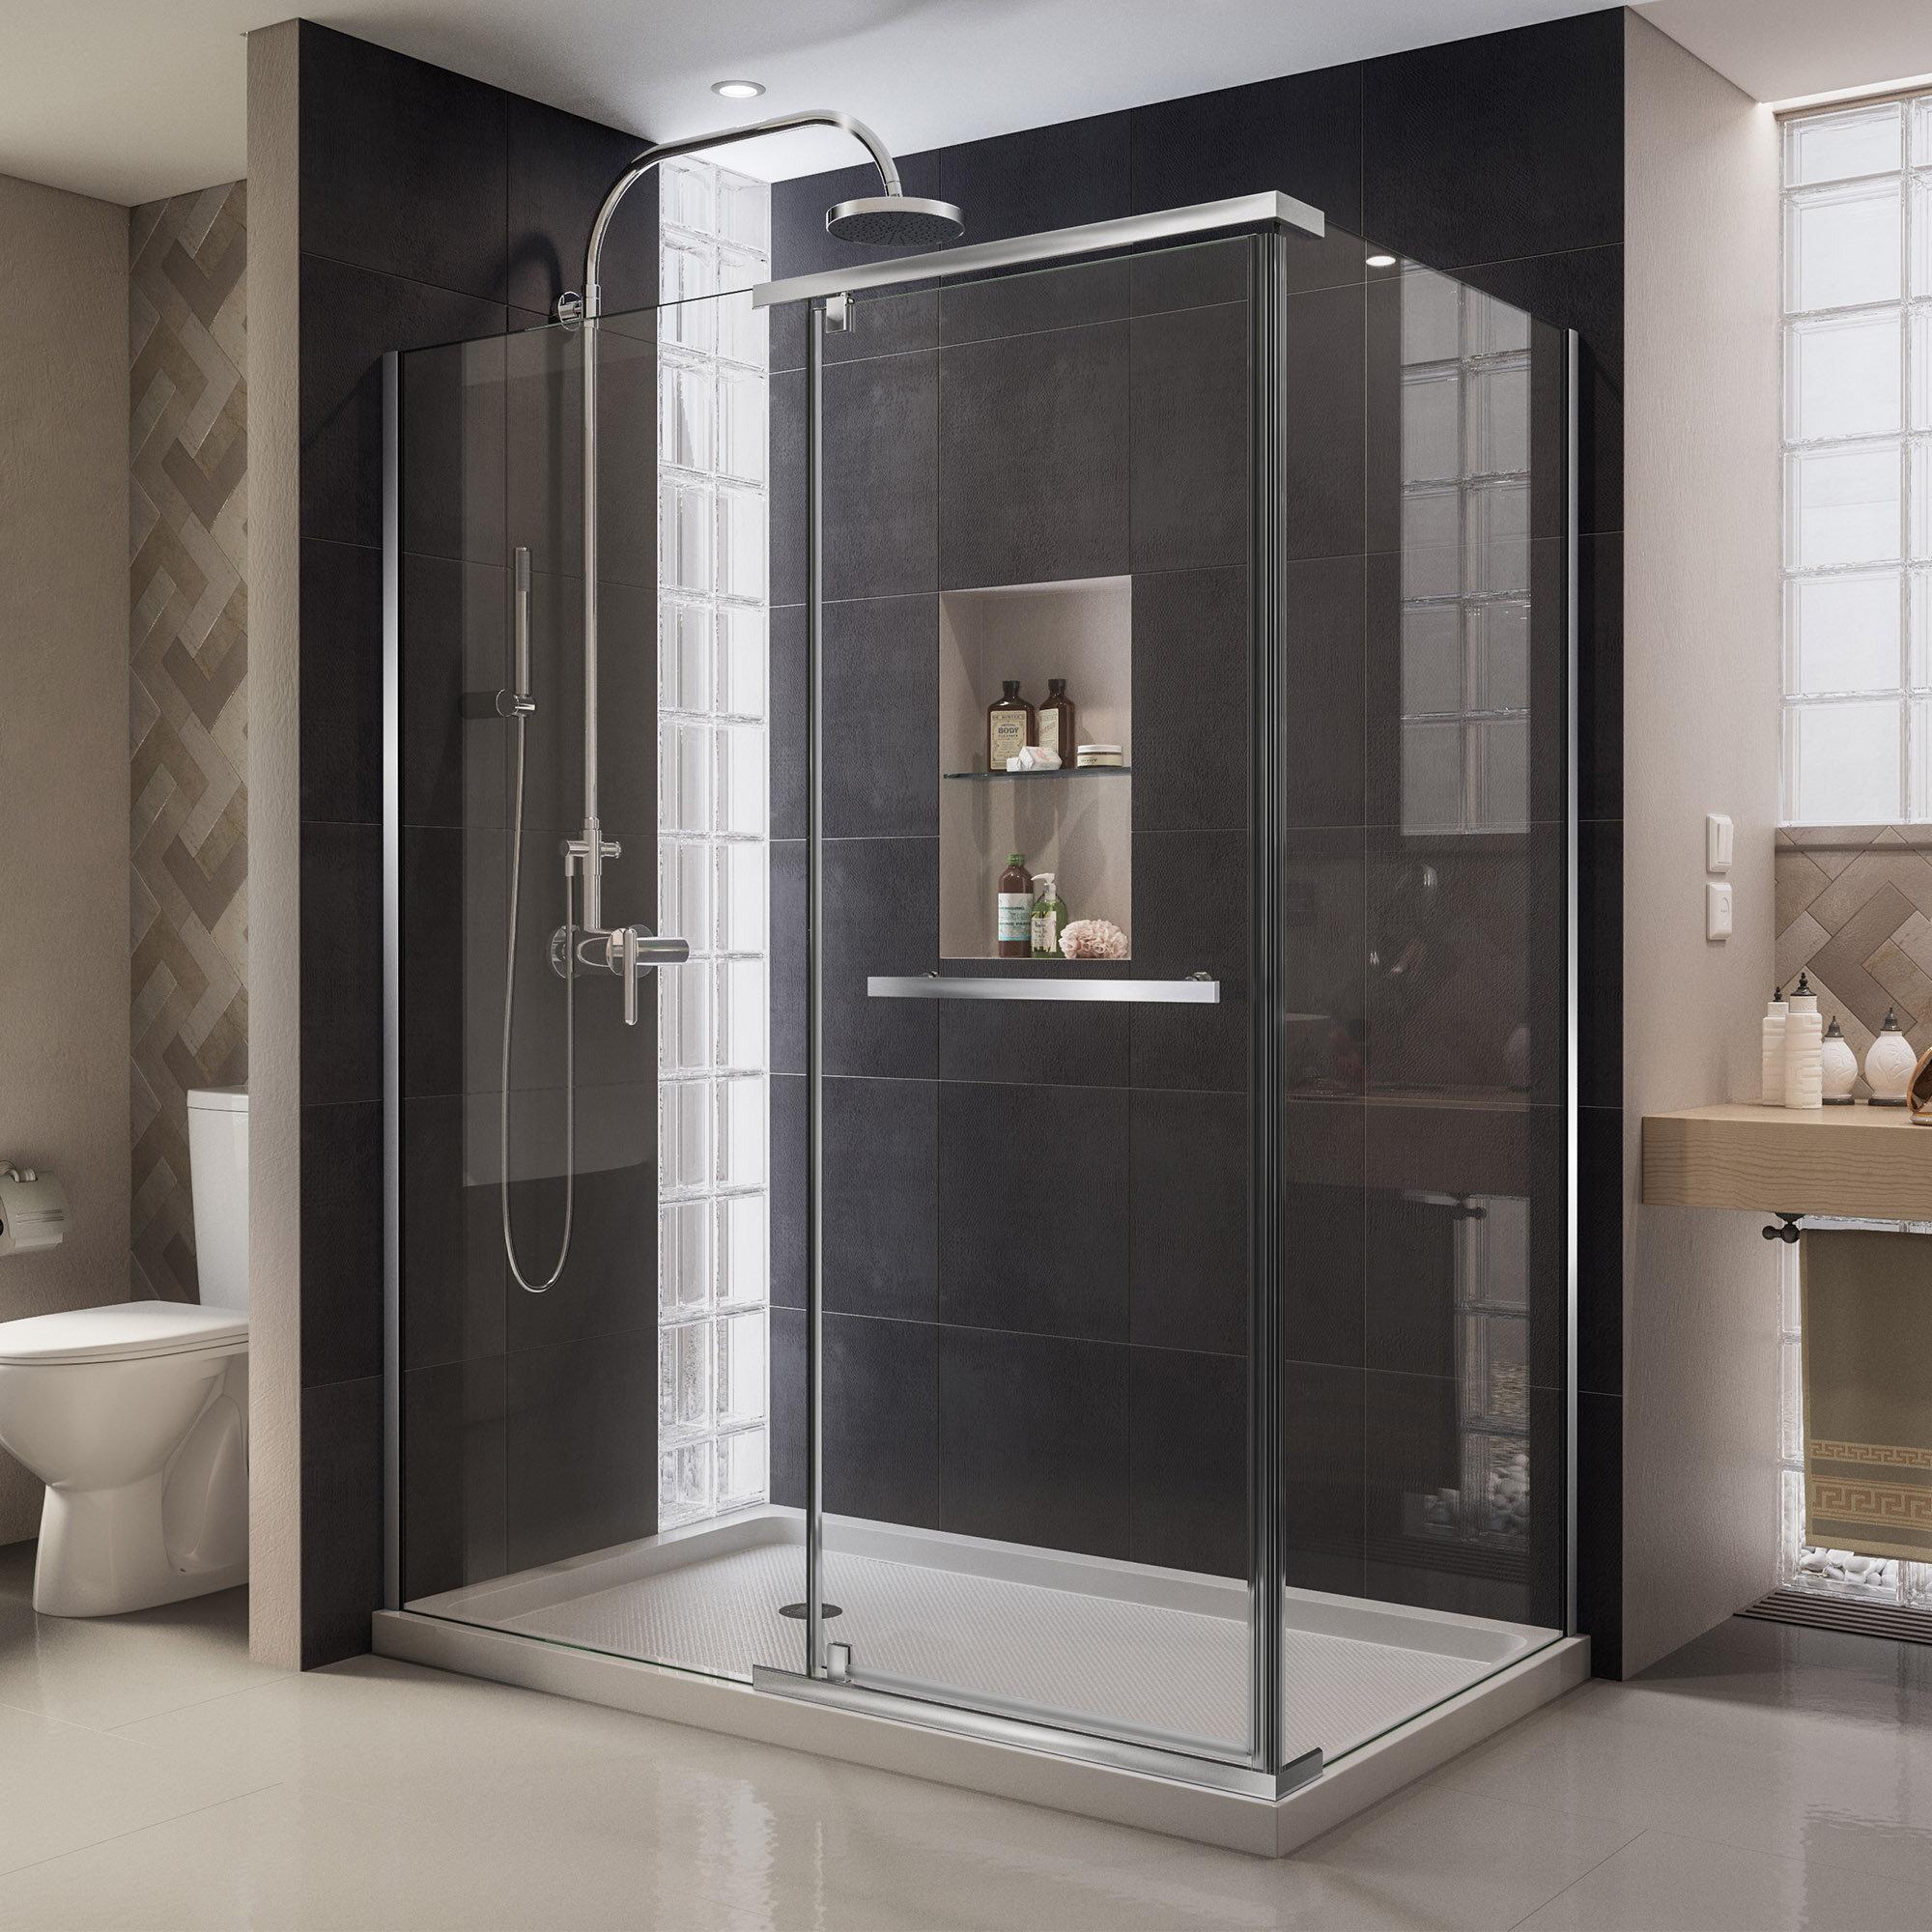 Dreamline Quatra 463 W X 72 H Pivot Frameless Shower Door With